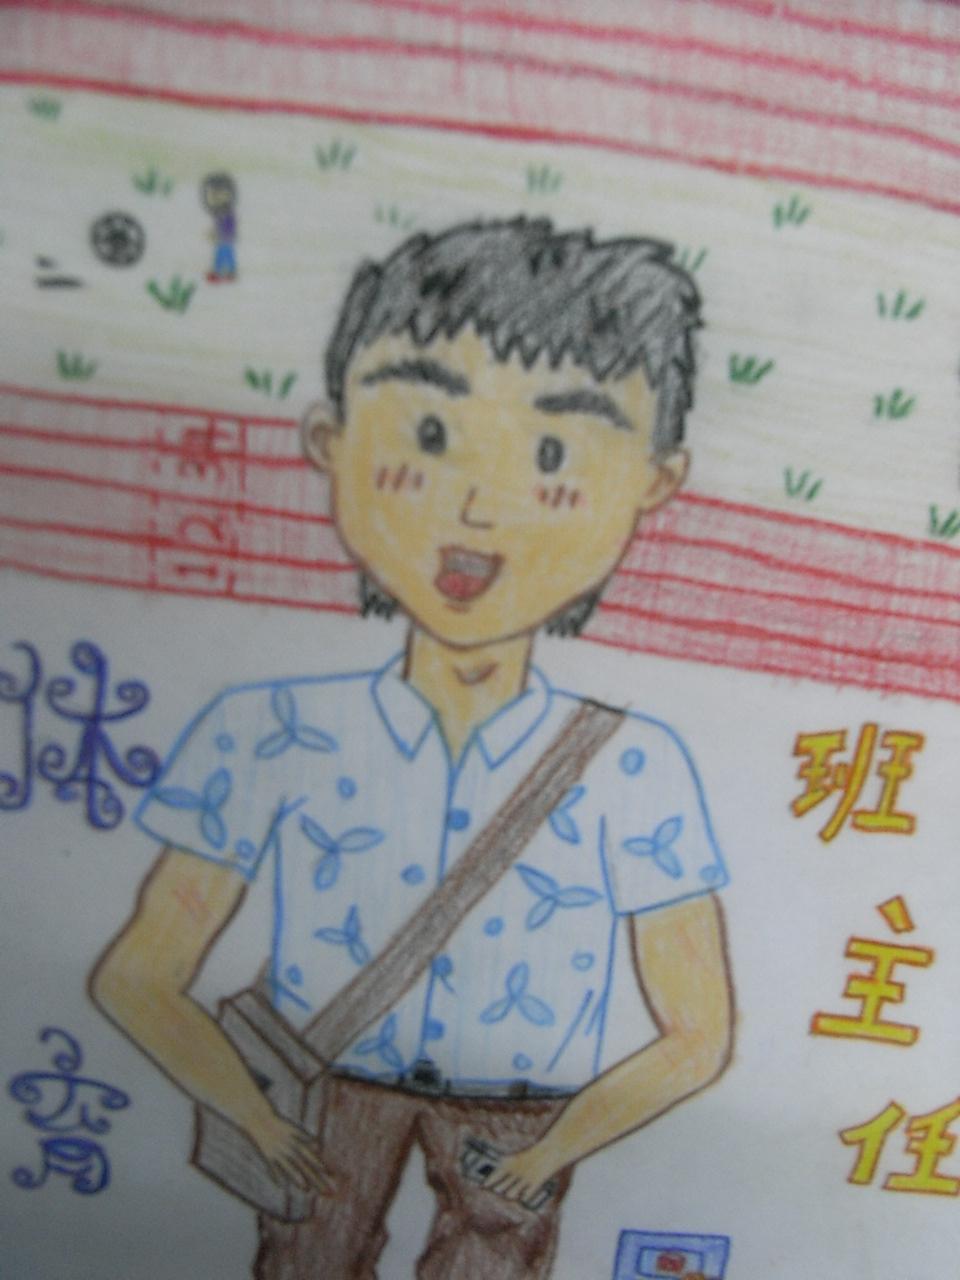 08教师节专题:我爱我的好老师——教师画像5